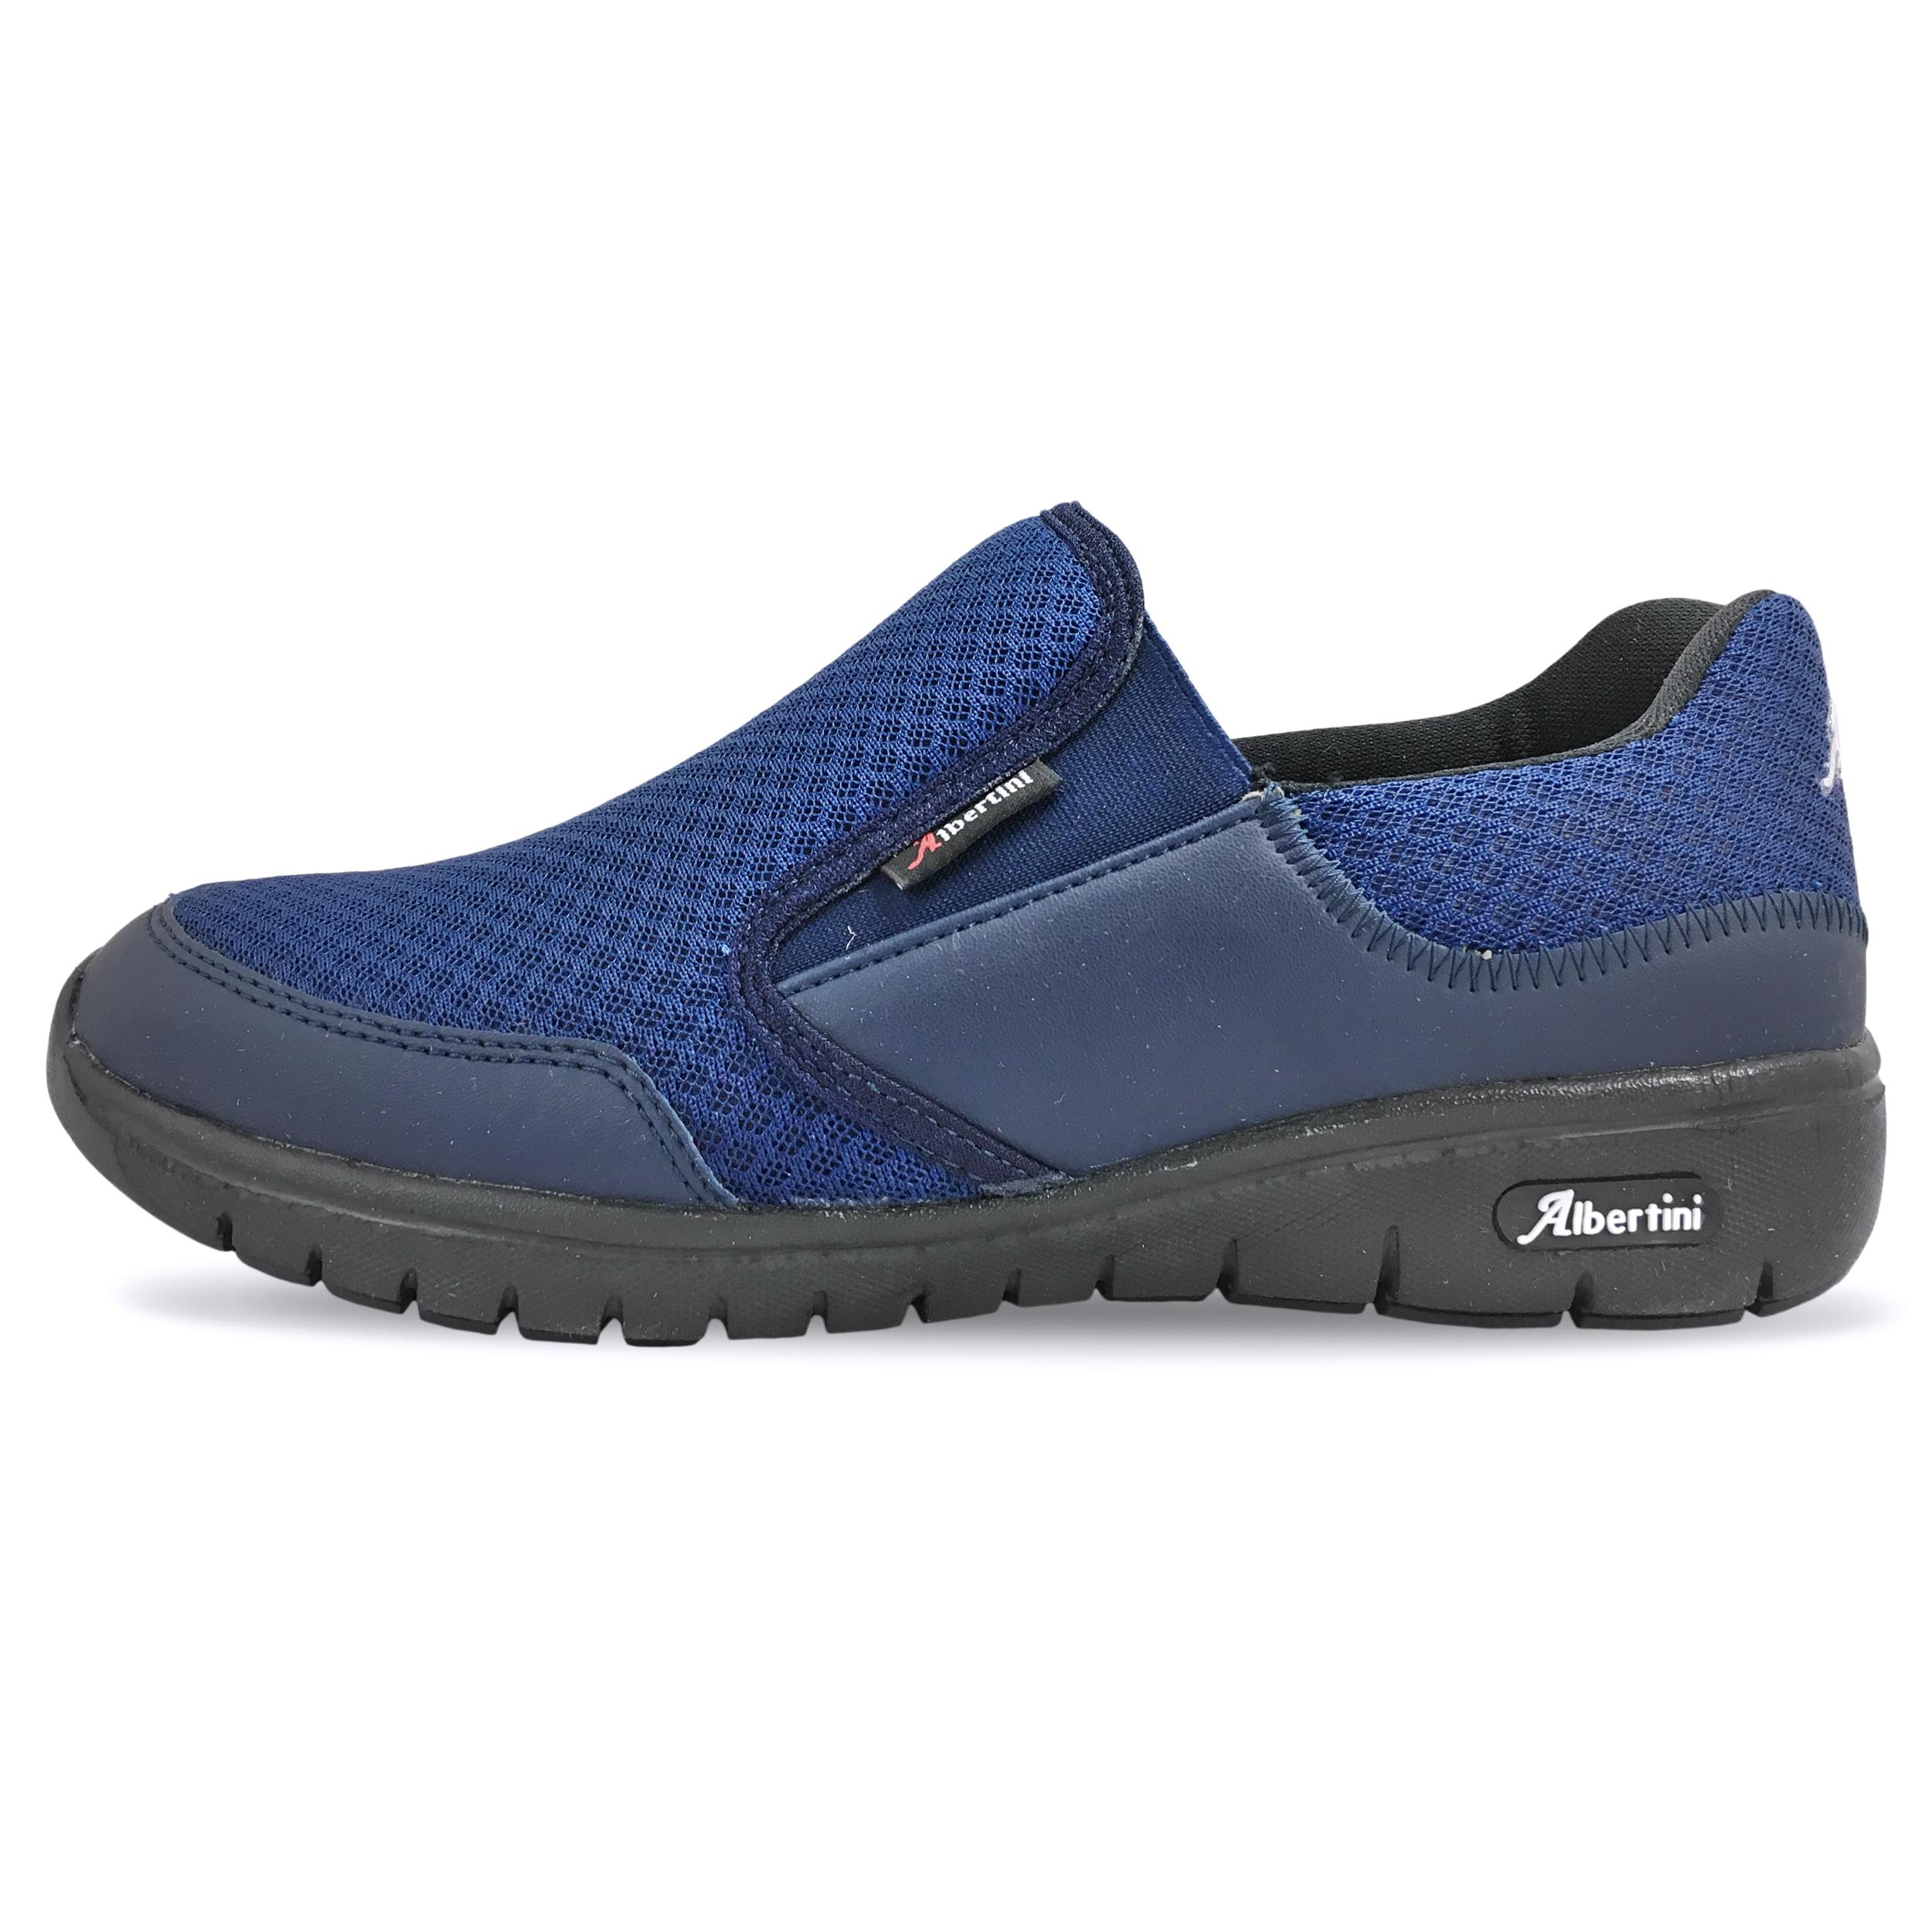 قیمت کفش مخصوص پیاده روی مردانه آلبرتینی مدل ایتالیا کد 3446